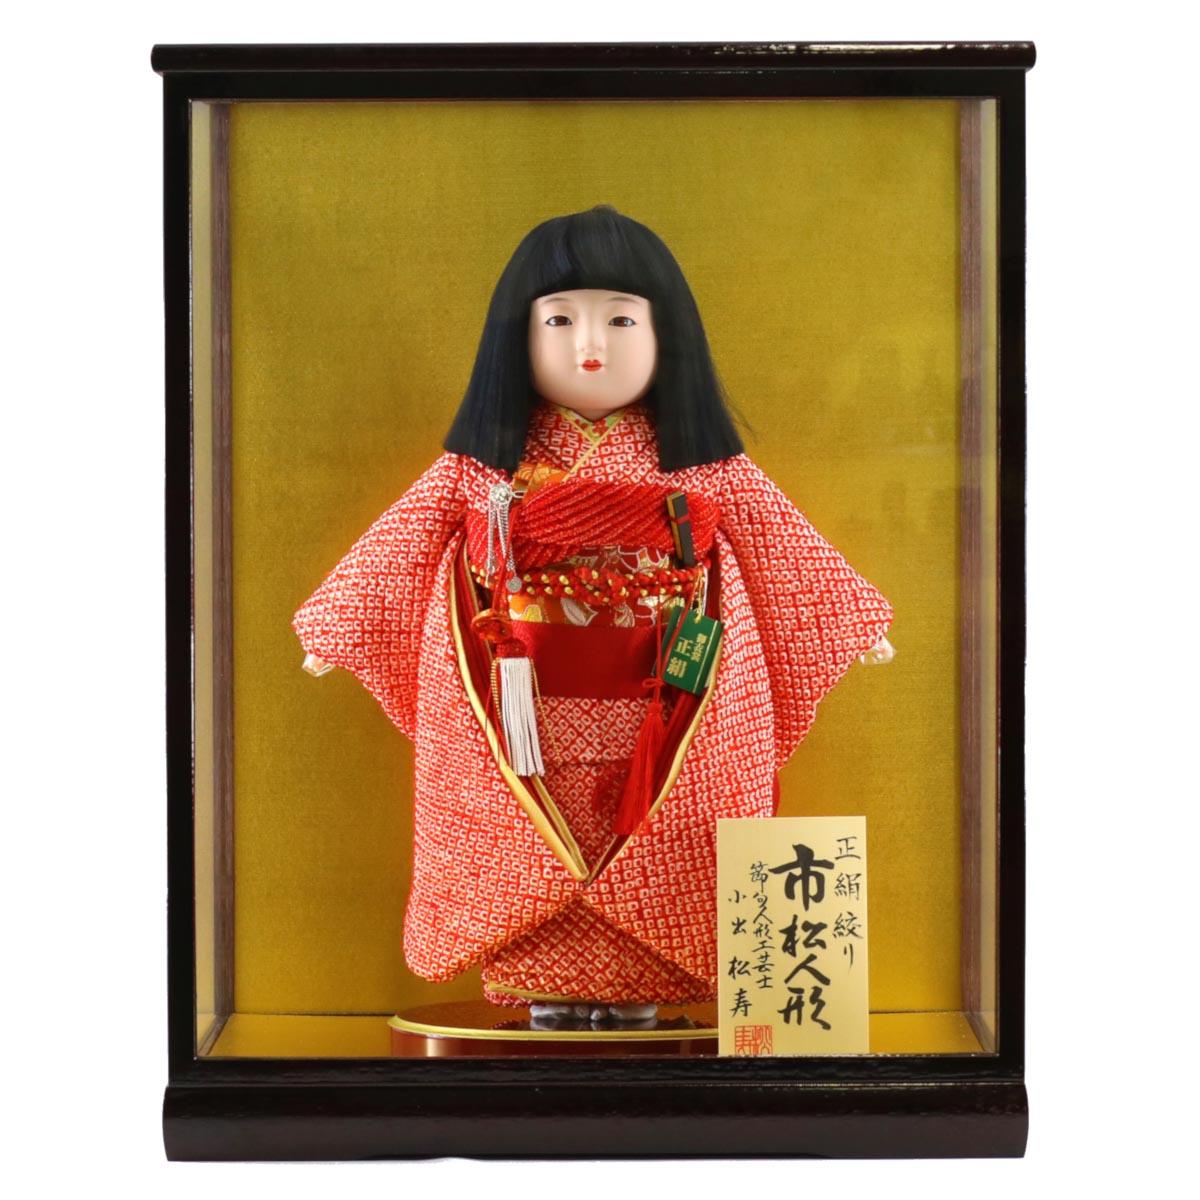 雛人形 松寿 コンパクト 市松人形 松寿作 市松人形 正絹 絞り ケース入り (HB45) 市松 ICMY-C10-07-C (HB45)ひな人形 かわいい おしゃれ インテリア ひな人形 小さい ミニ